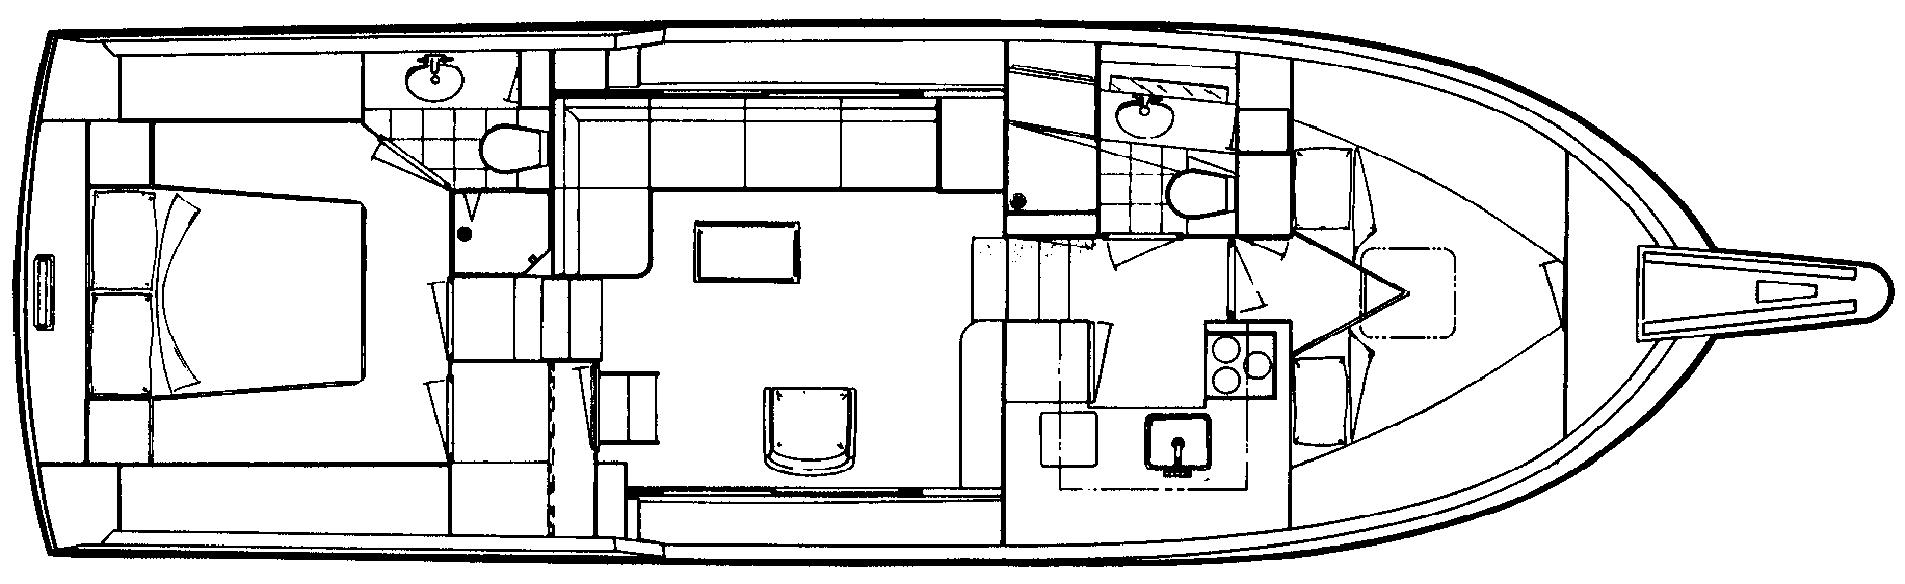 40 Double Cabin Floor Plan 2